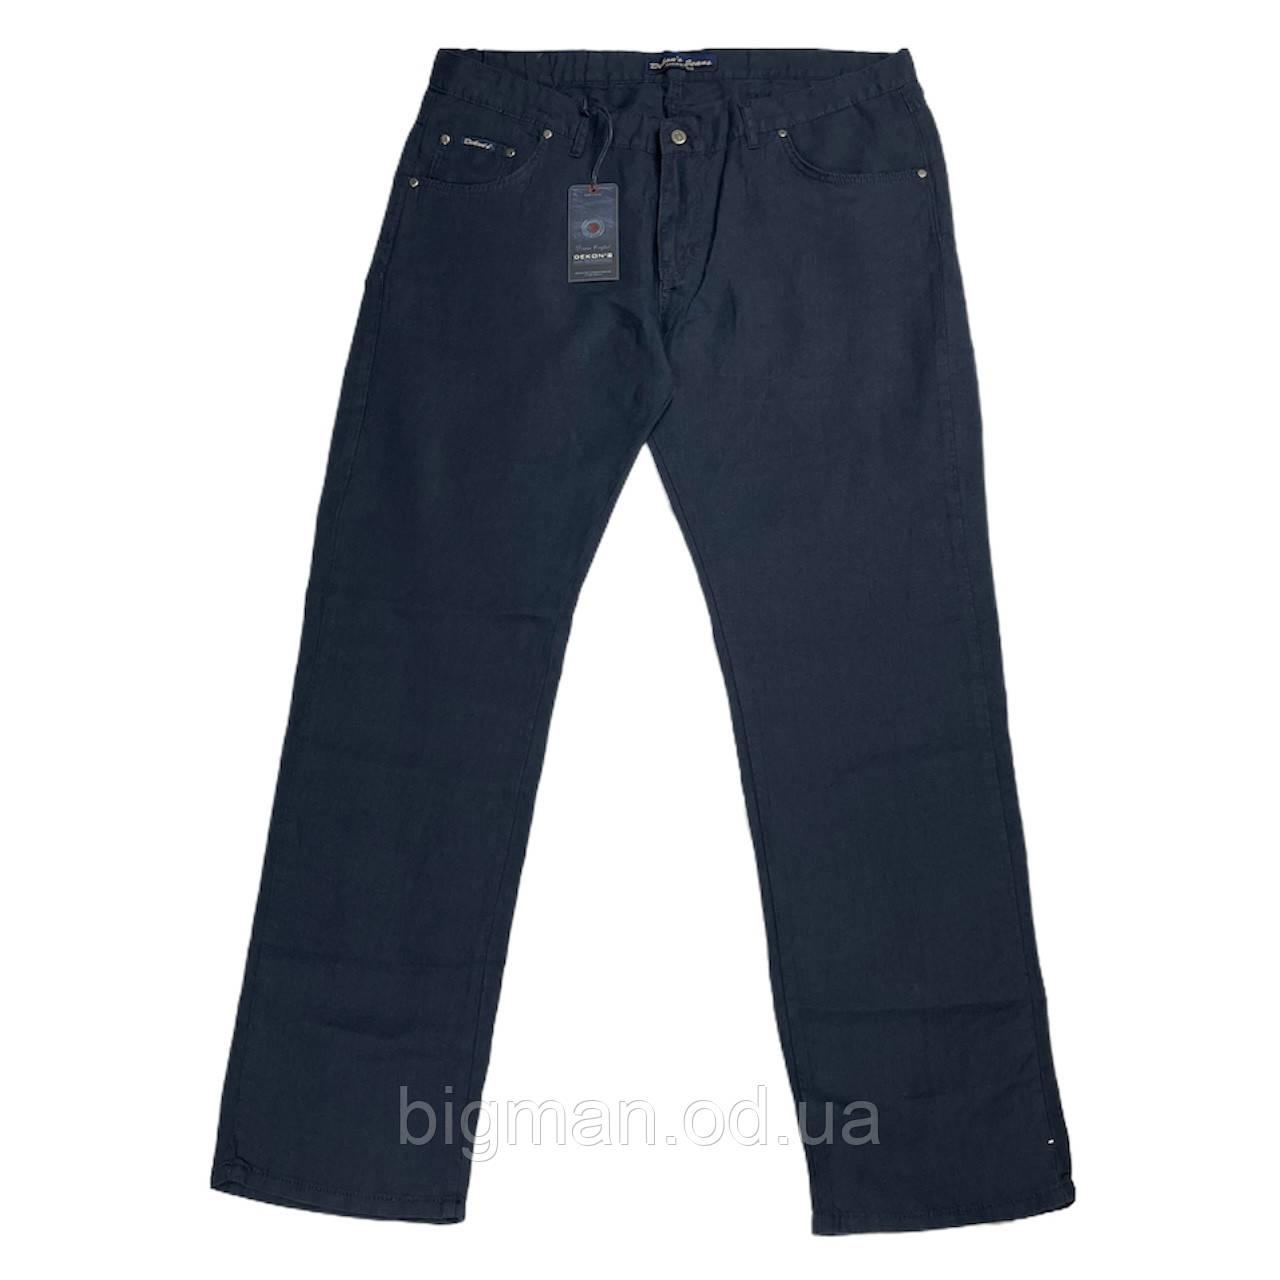 Мужские льняные штаны Dekons 18032 56-74 размера синие Турция батал большой размер